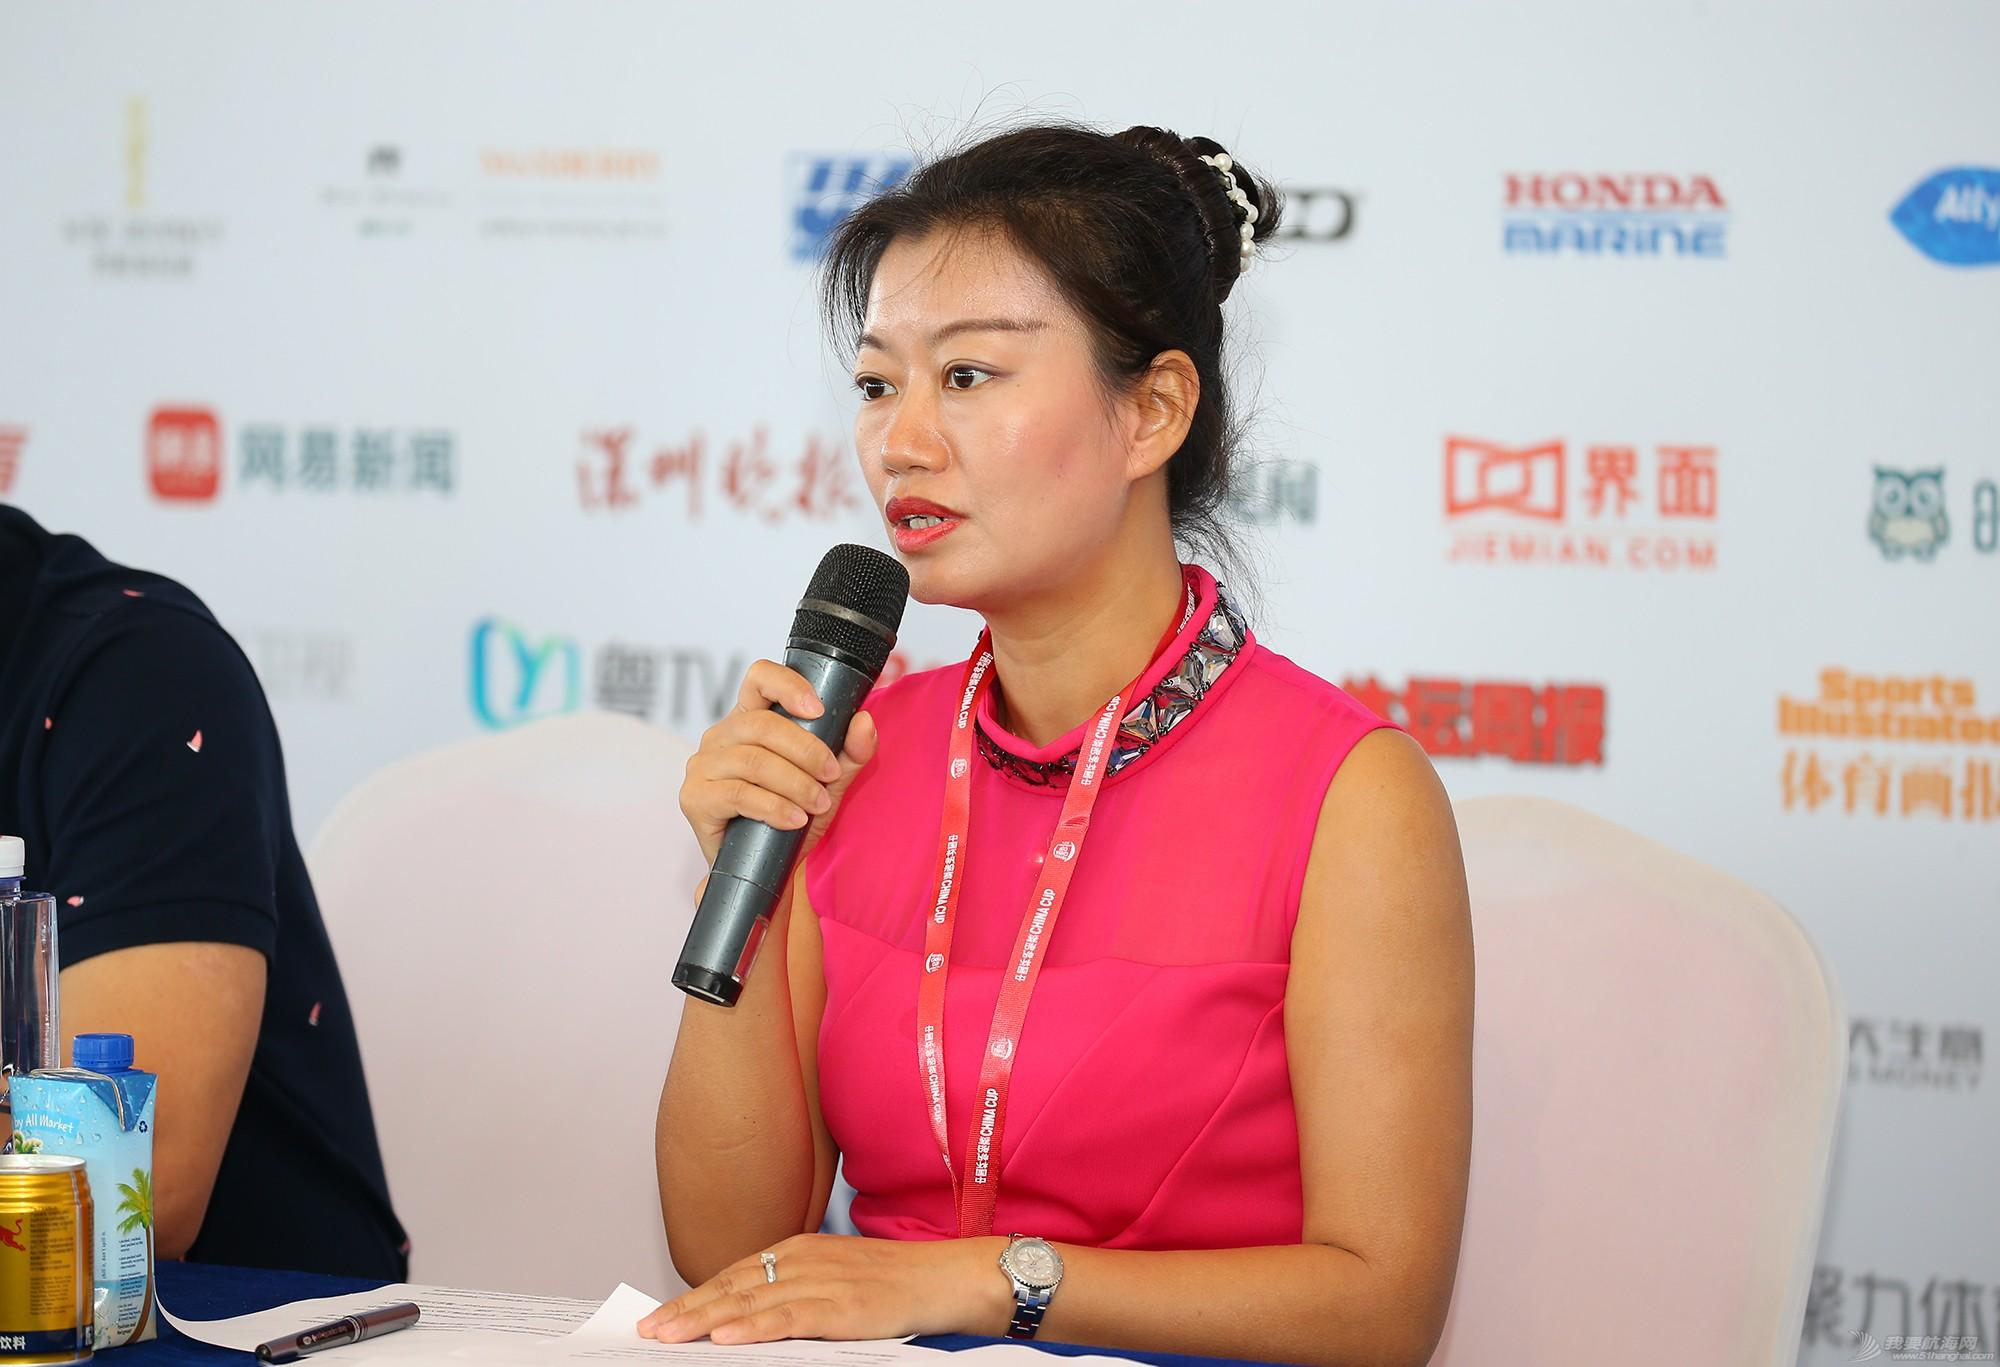 新闻发布会,中国 中国杯帆船赛新闻发布会现场,钟勇、苏科接受我要航海网采访 E78W2958.JPG